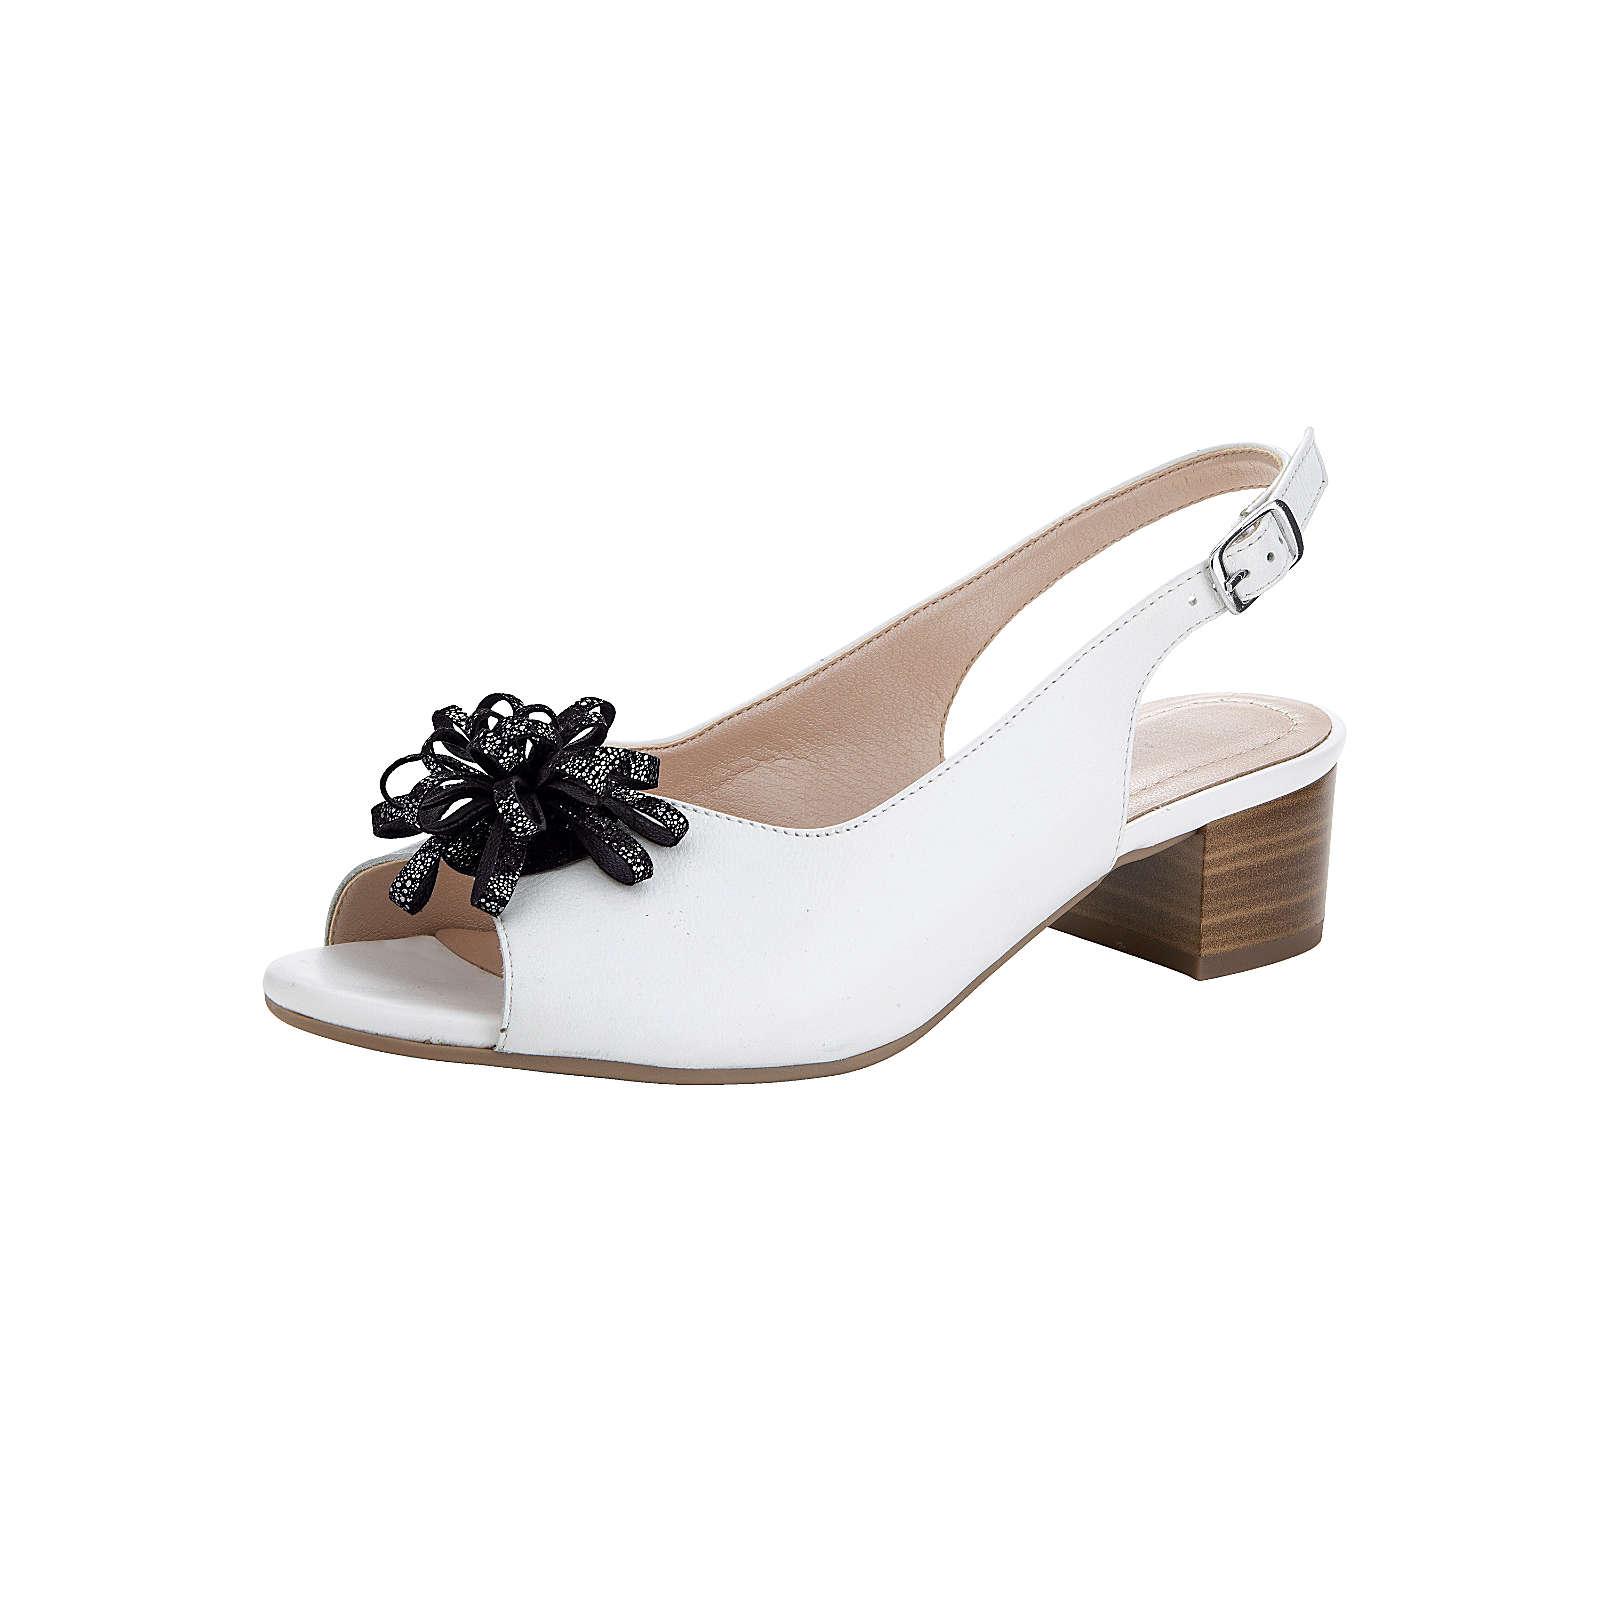 Naturläufer Sandale weiß Damen Gr. 36,5